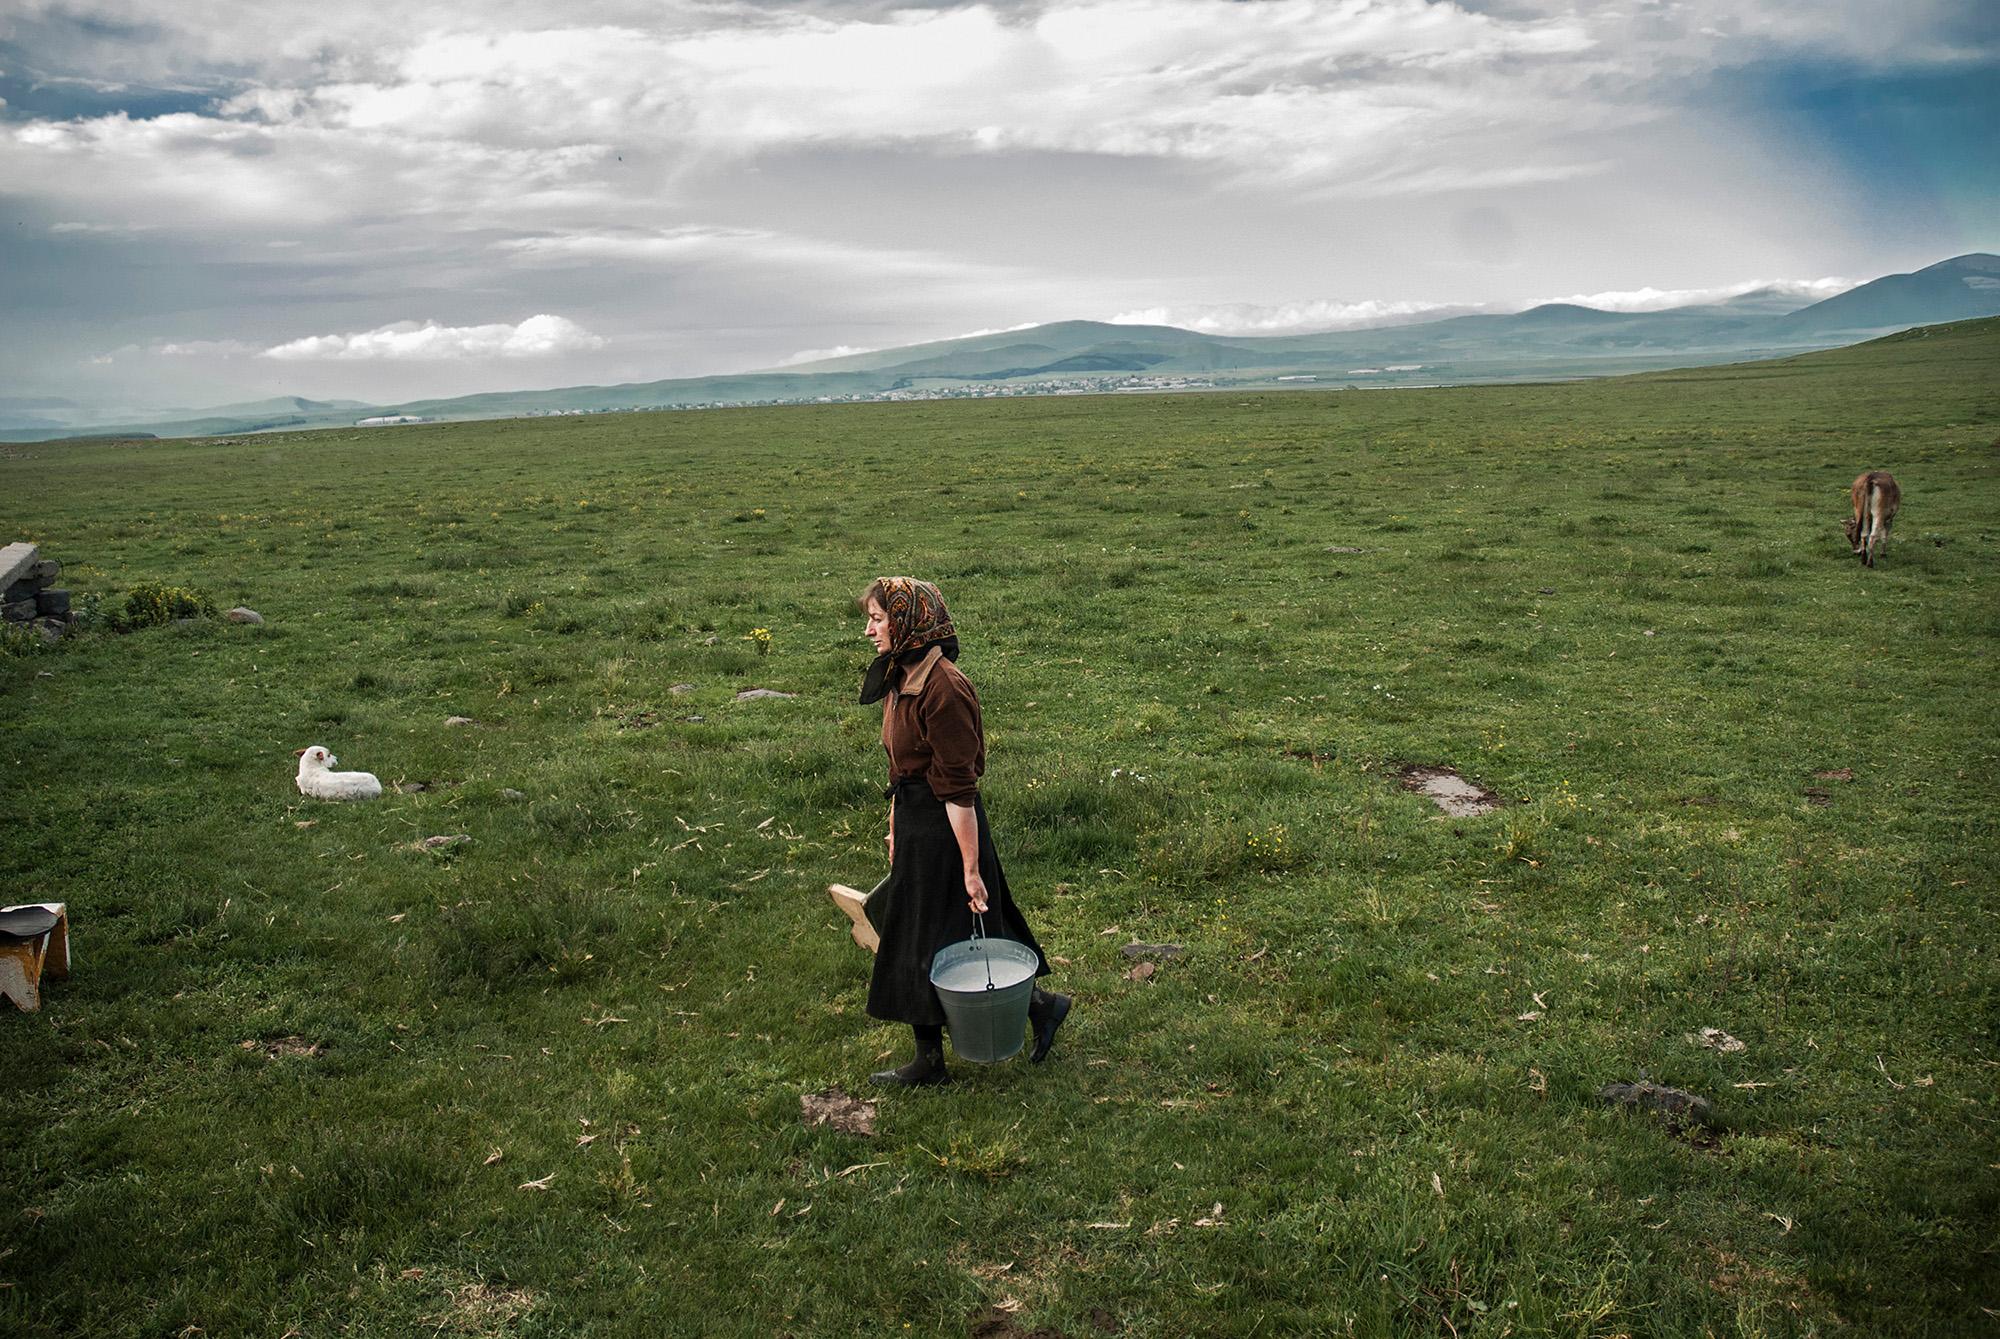 The Doukhobors' Land (3), by Natela Grigalashvili